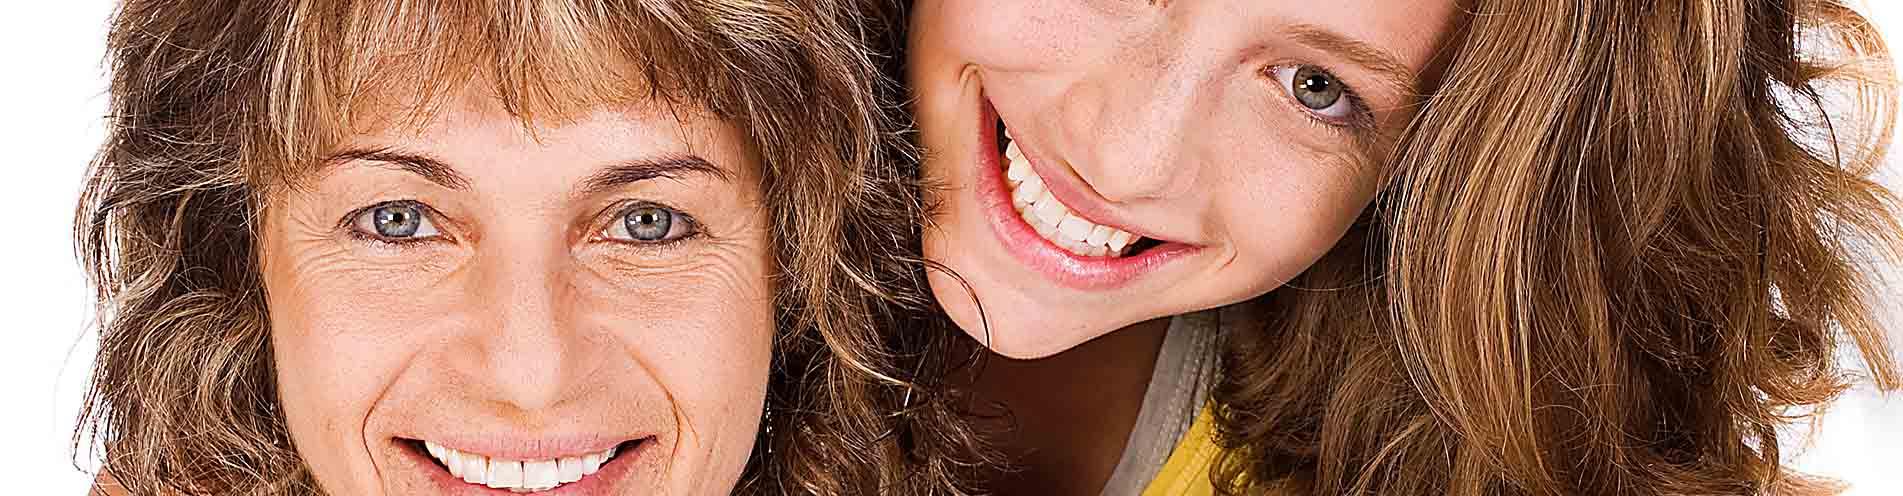 slider-8-zahnarzt-zahnimplantate-kassel-goettingen-hofgeismar